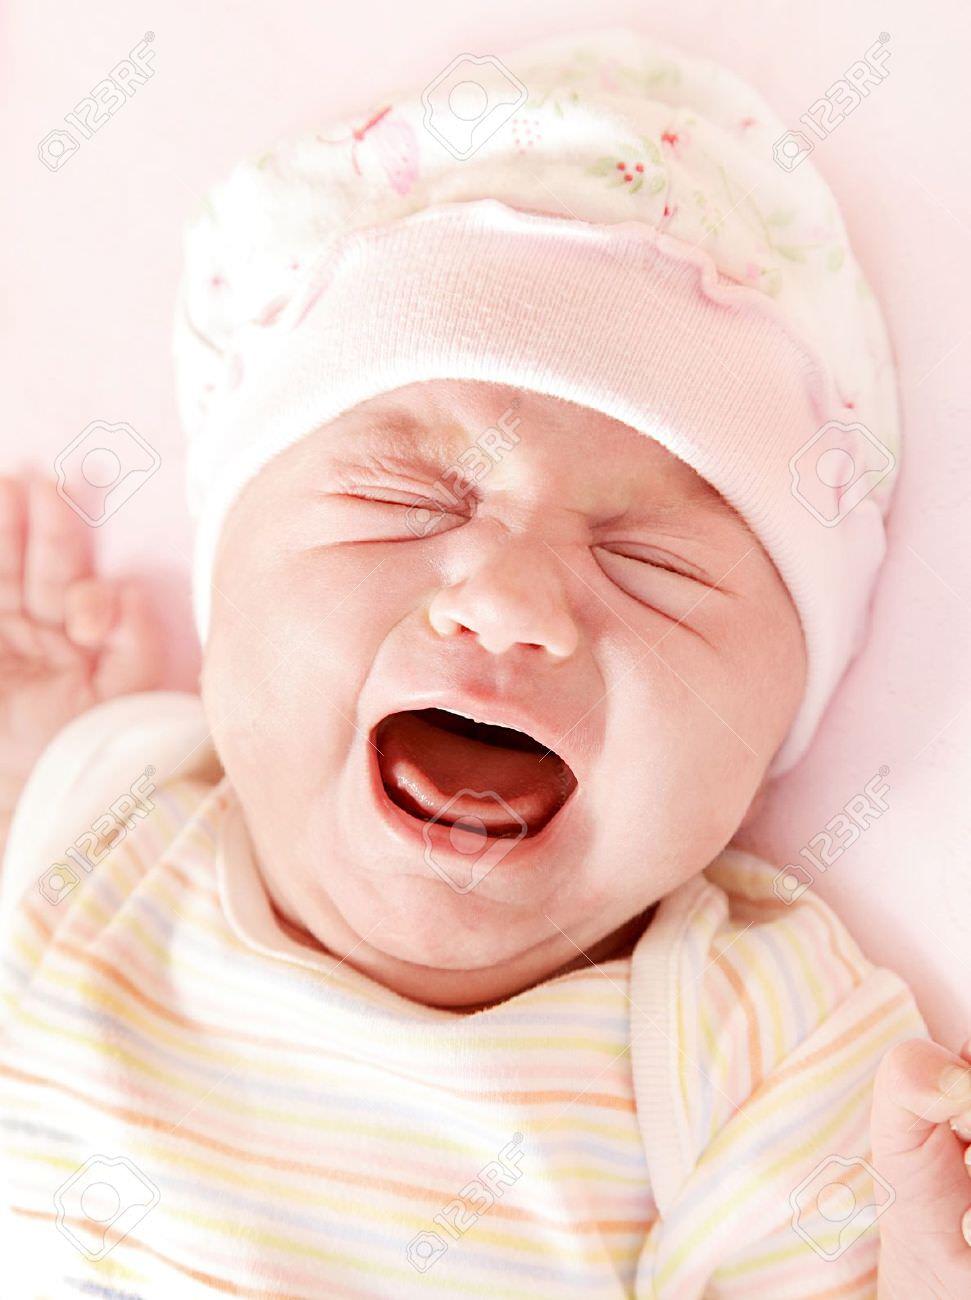 Trẻ sơ sinh bị sôi bụng và đi ngoài do đâu?